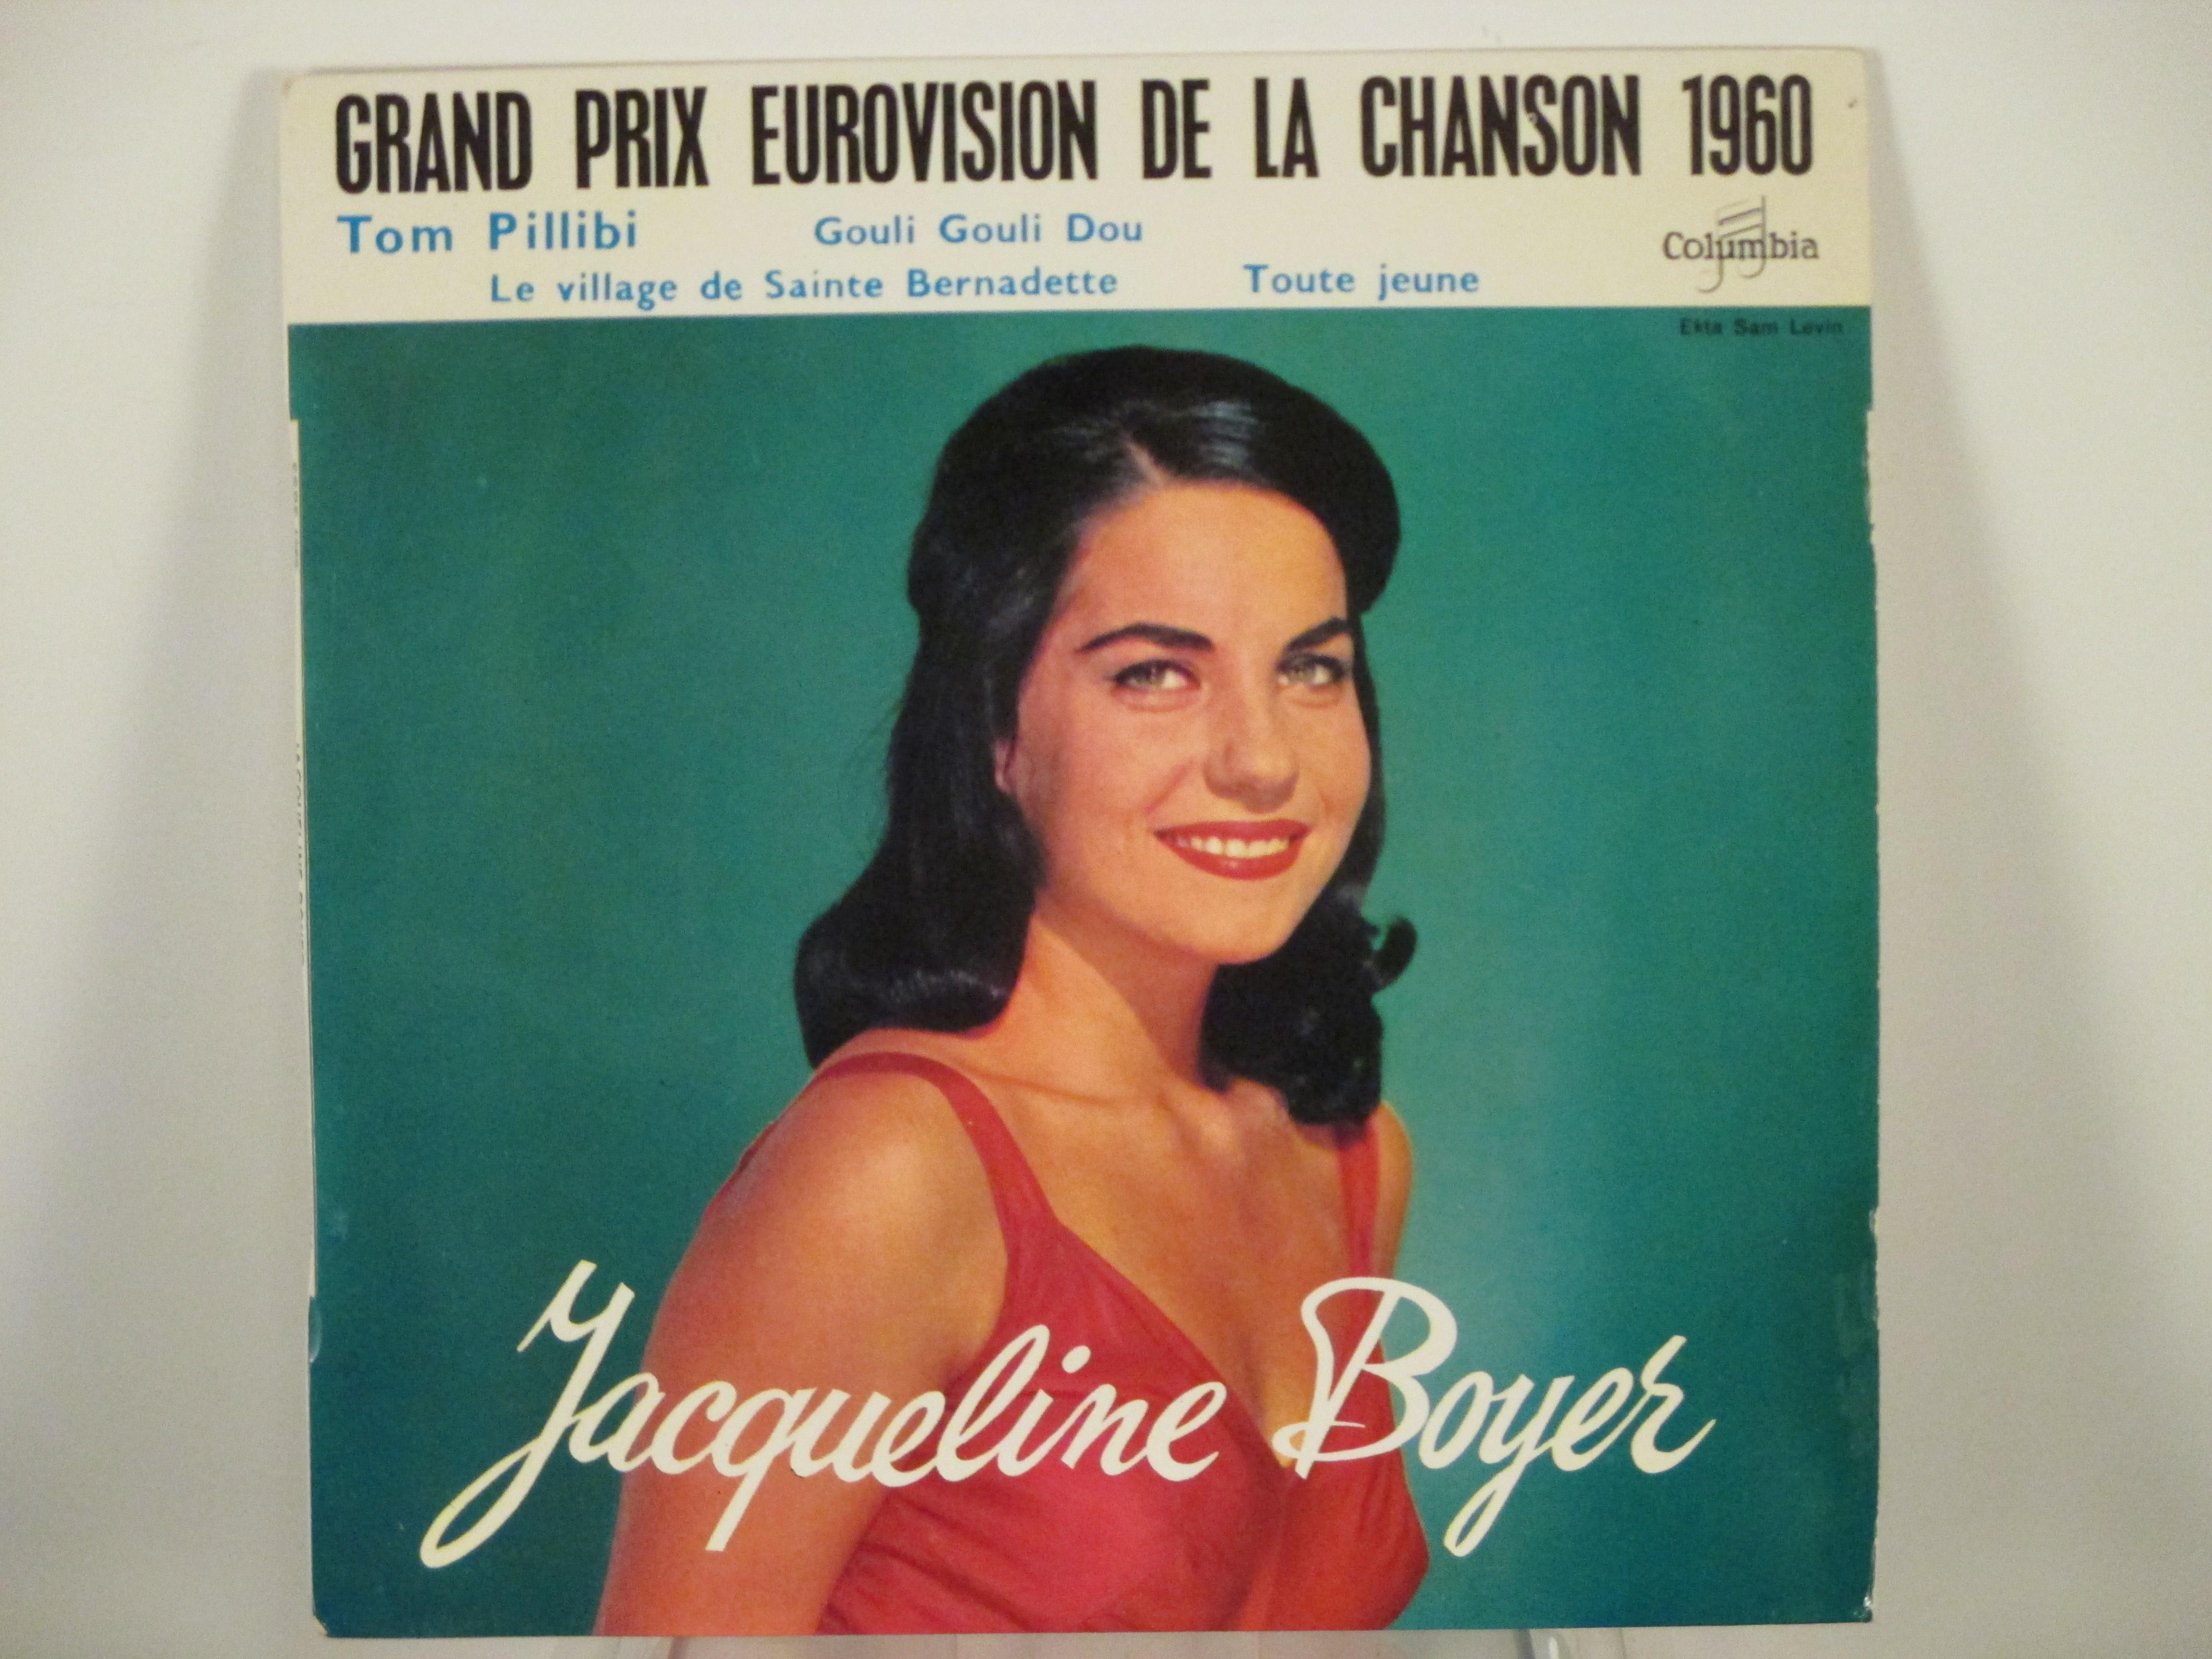 JACQUELINE BOYER : (EP) Tom Pillibi / Gouli gouli dou / Le village de Saint Bernadette / Toute jeune